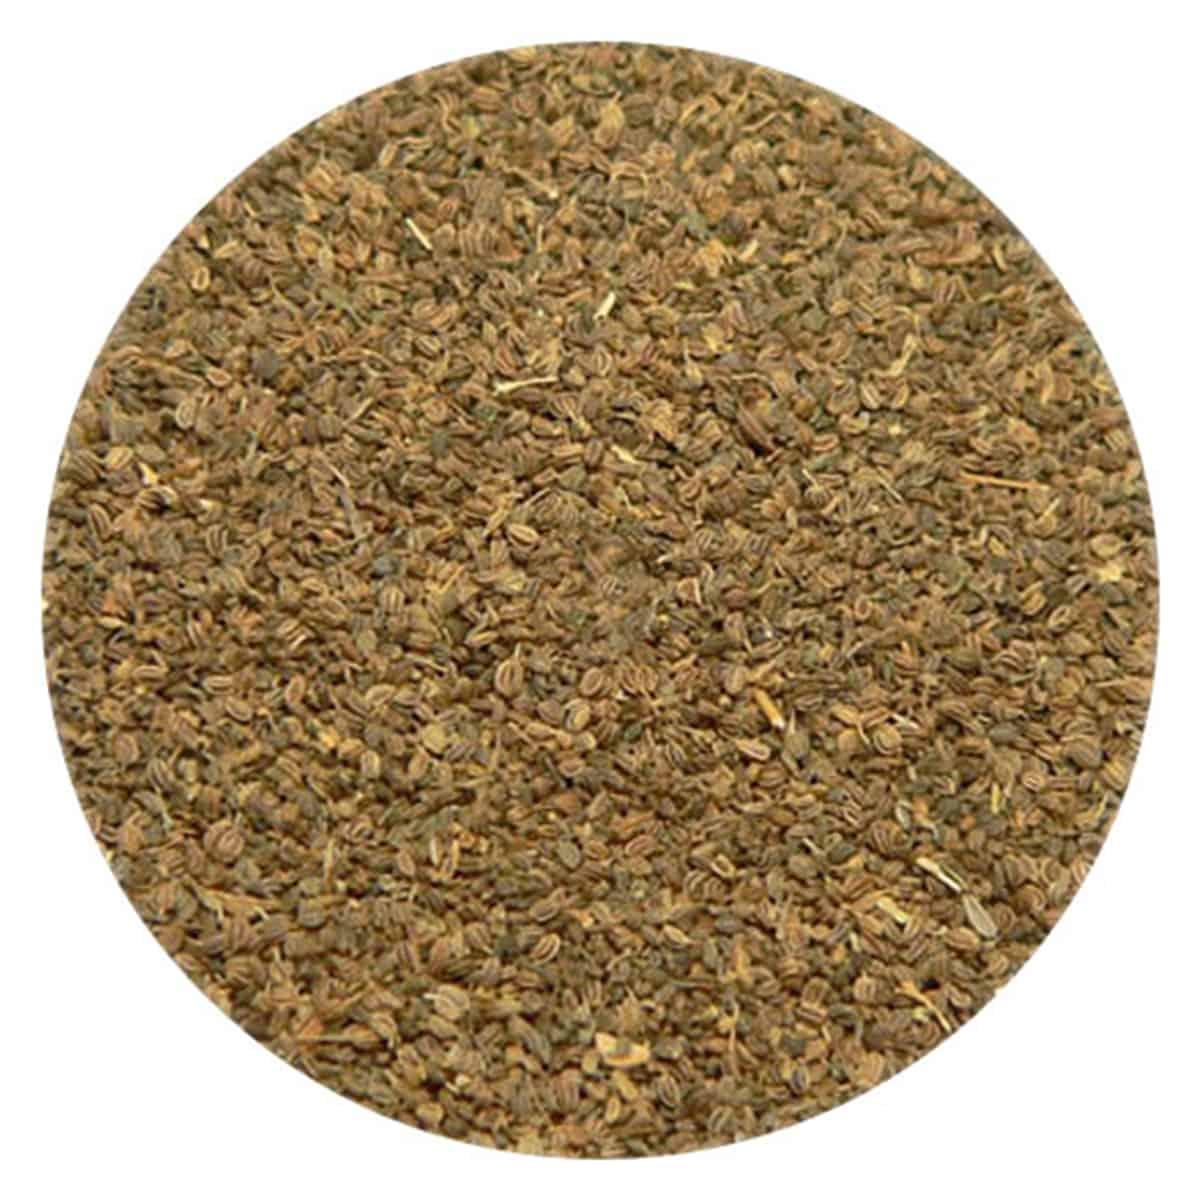 Buy IAG Foods Celery Seeds - 1 kg